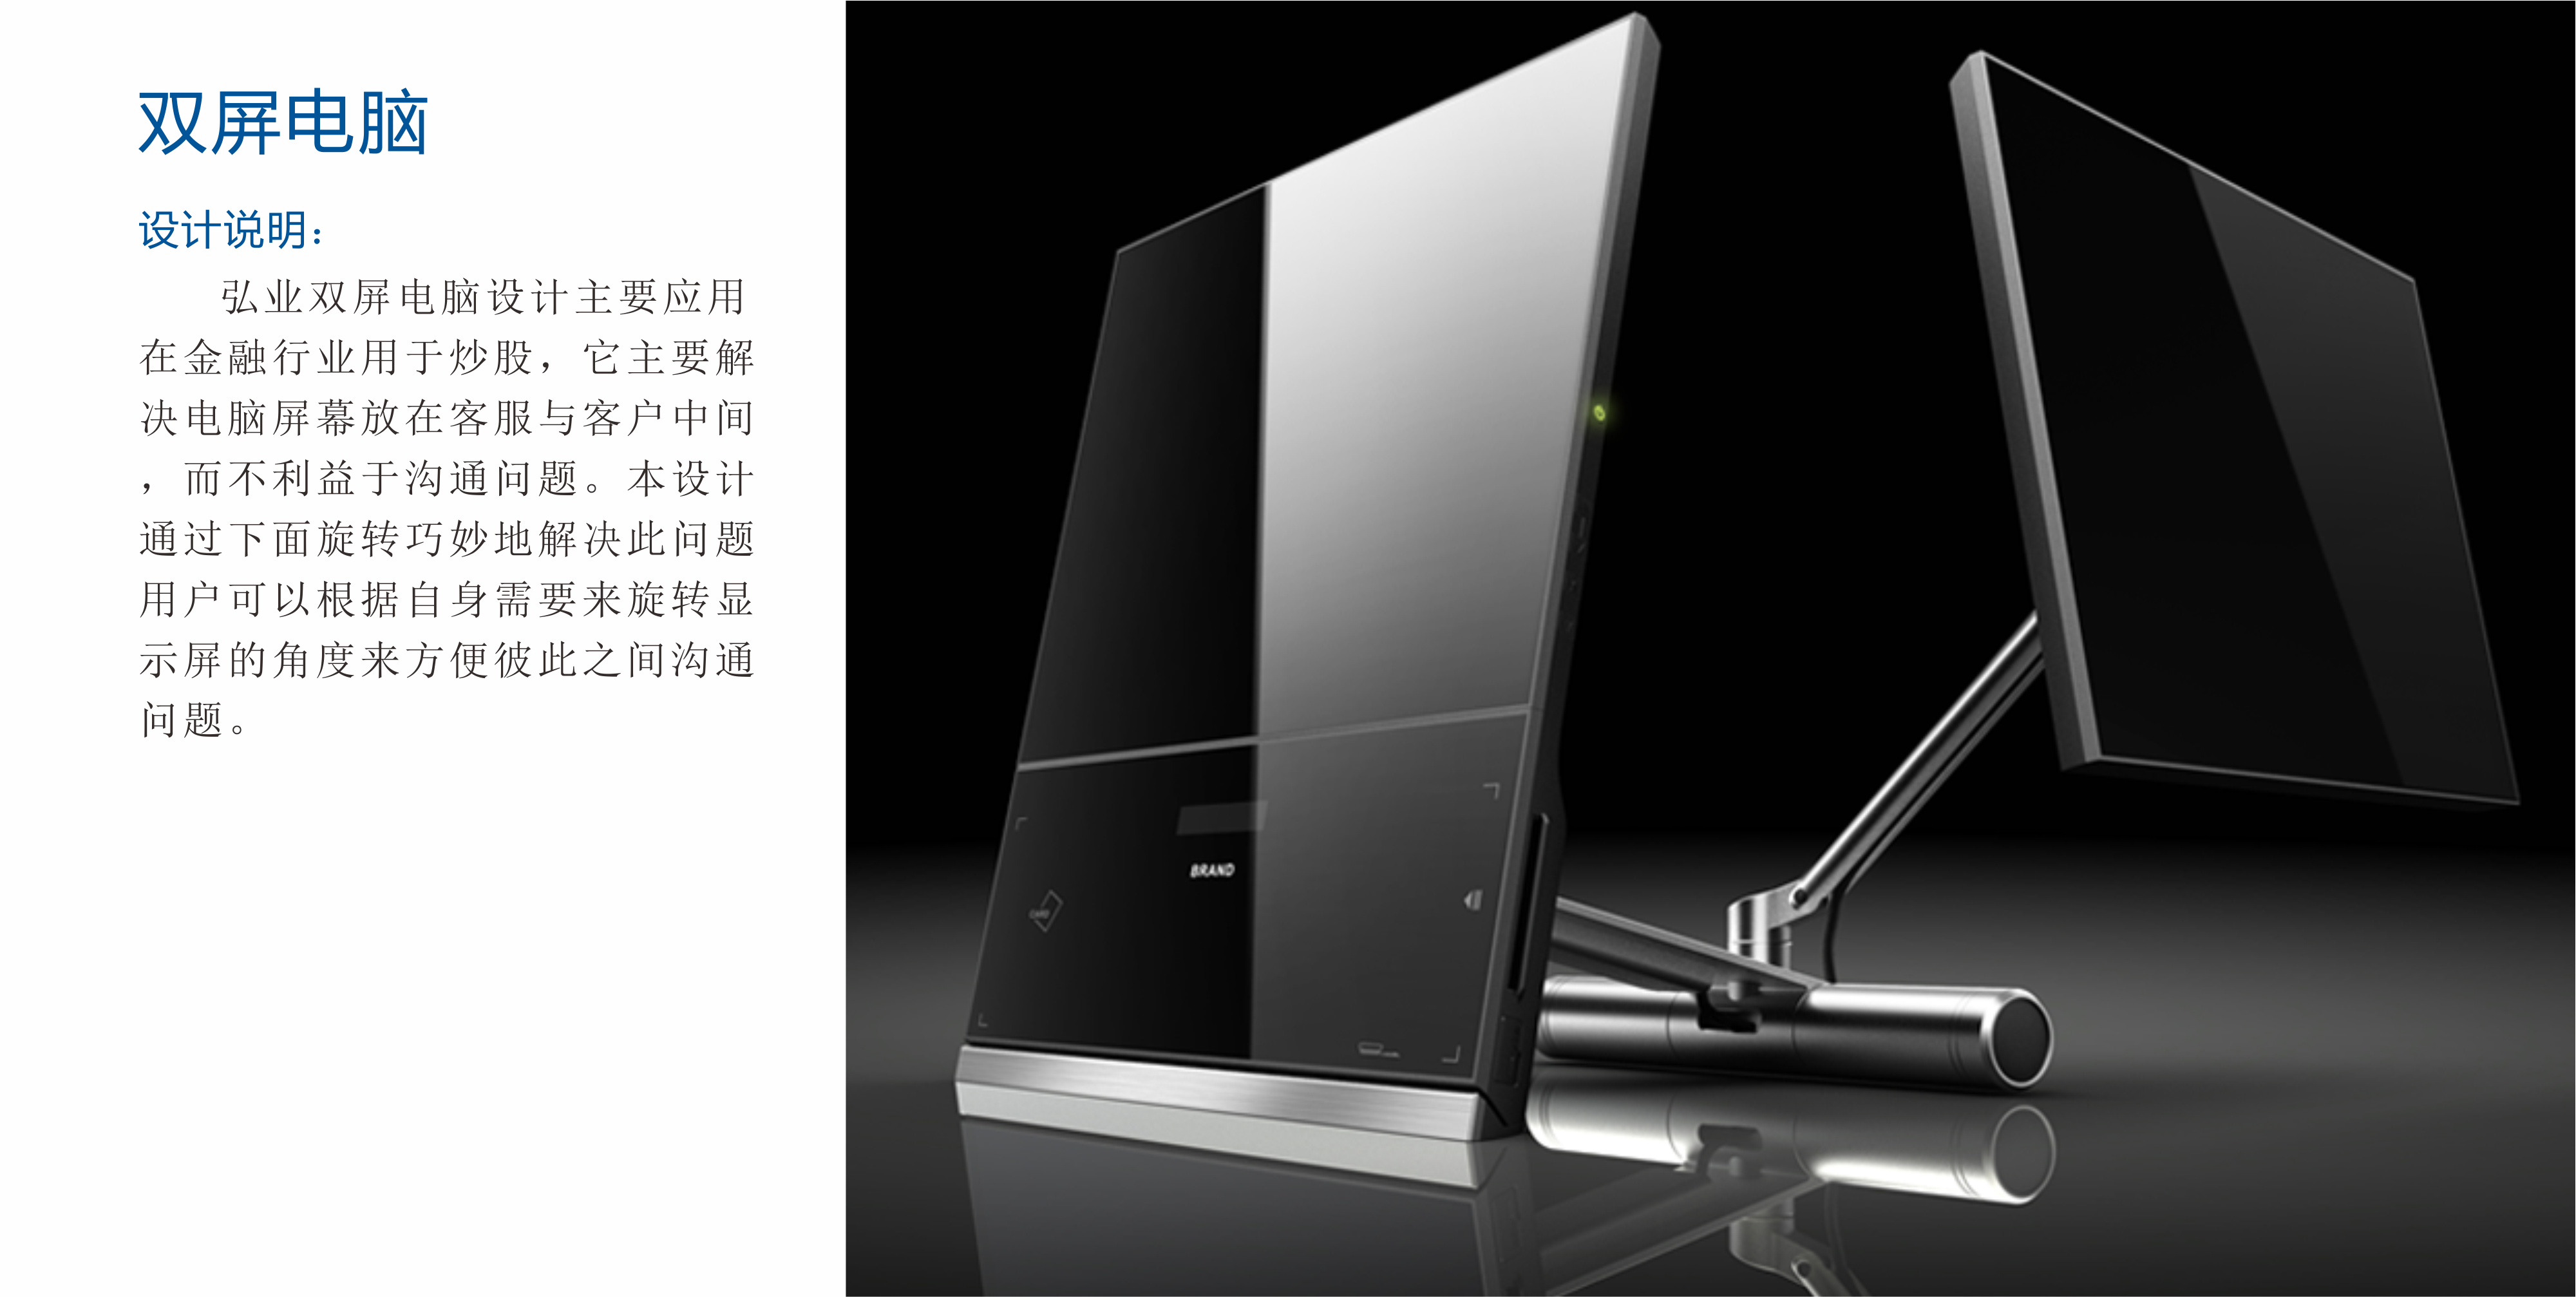 弘业双屏电脑设计